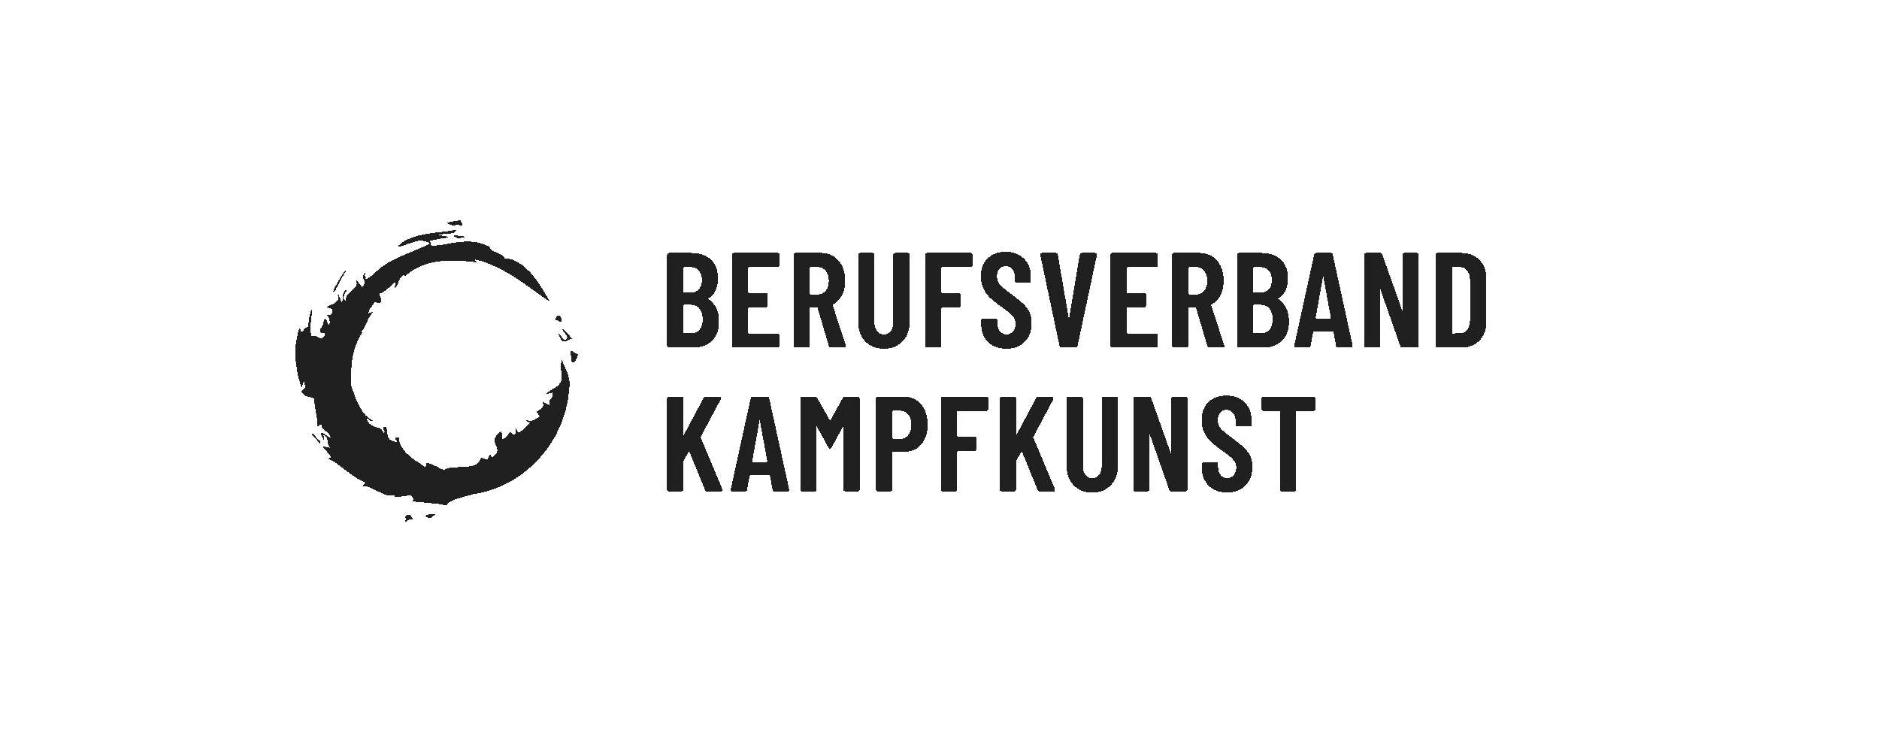 BERUFSVERBAND KAMPFKUNST